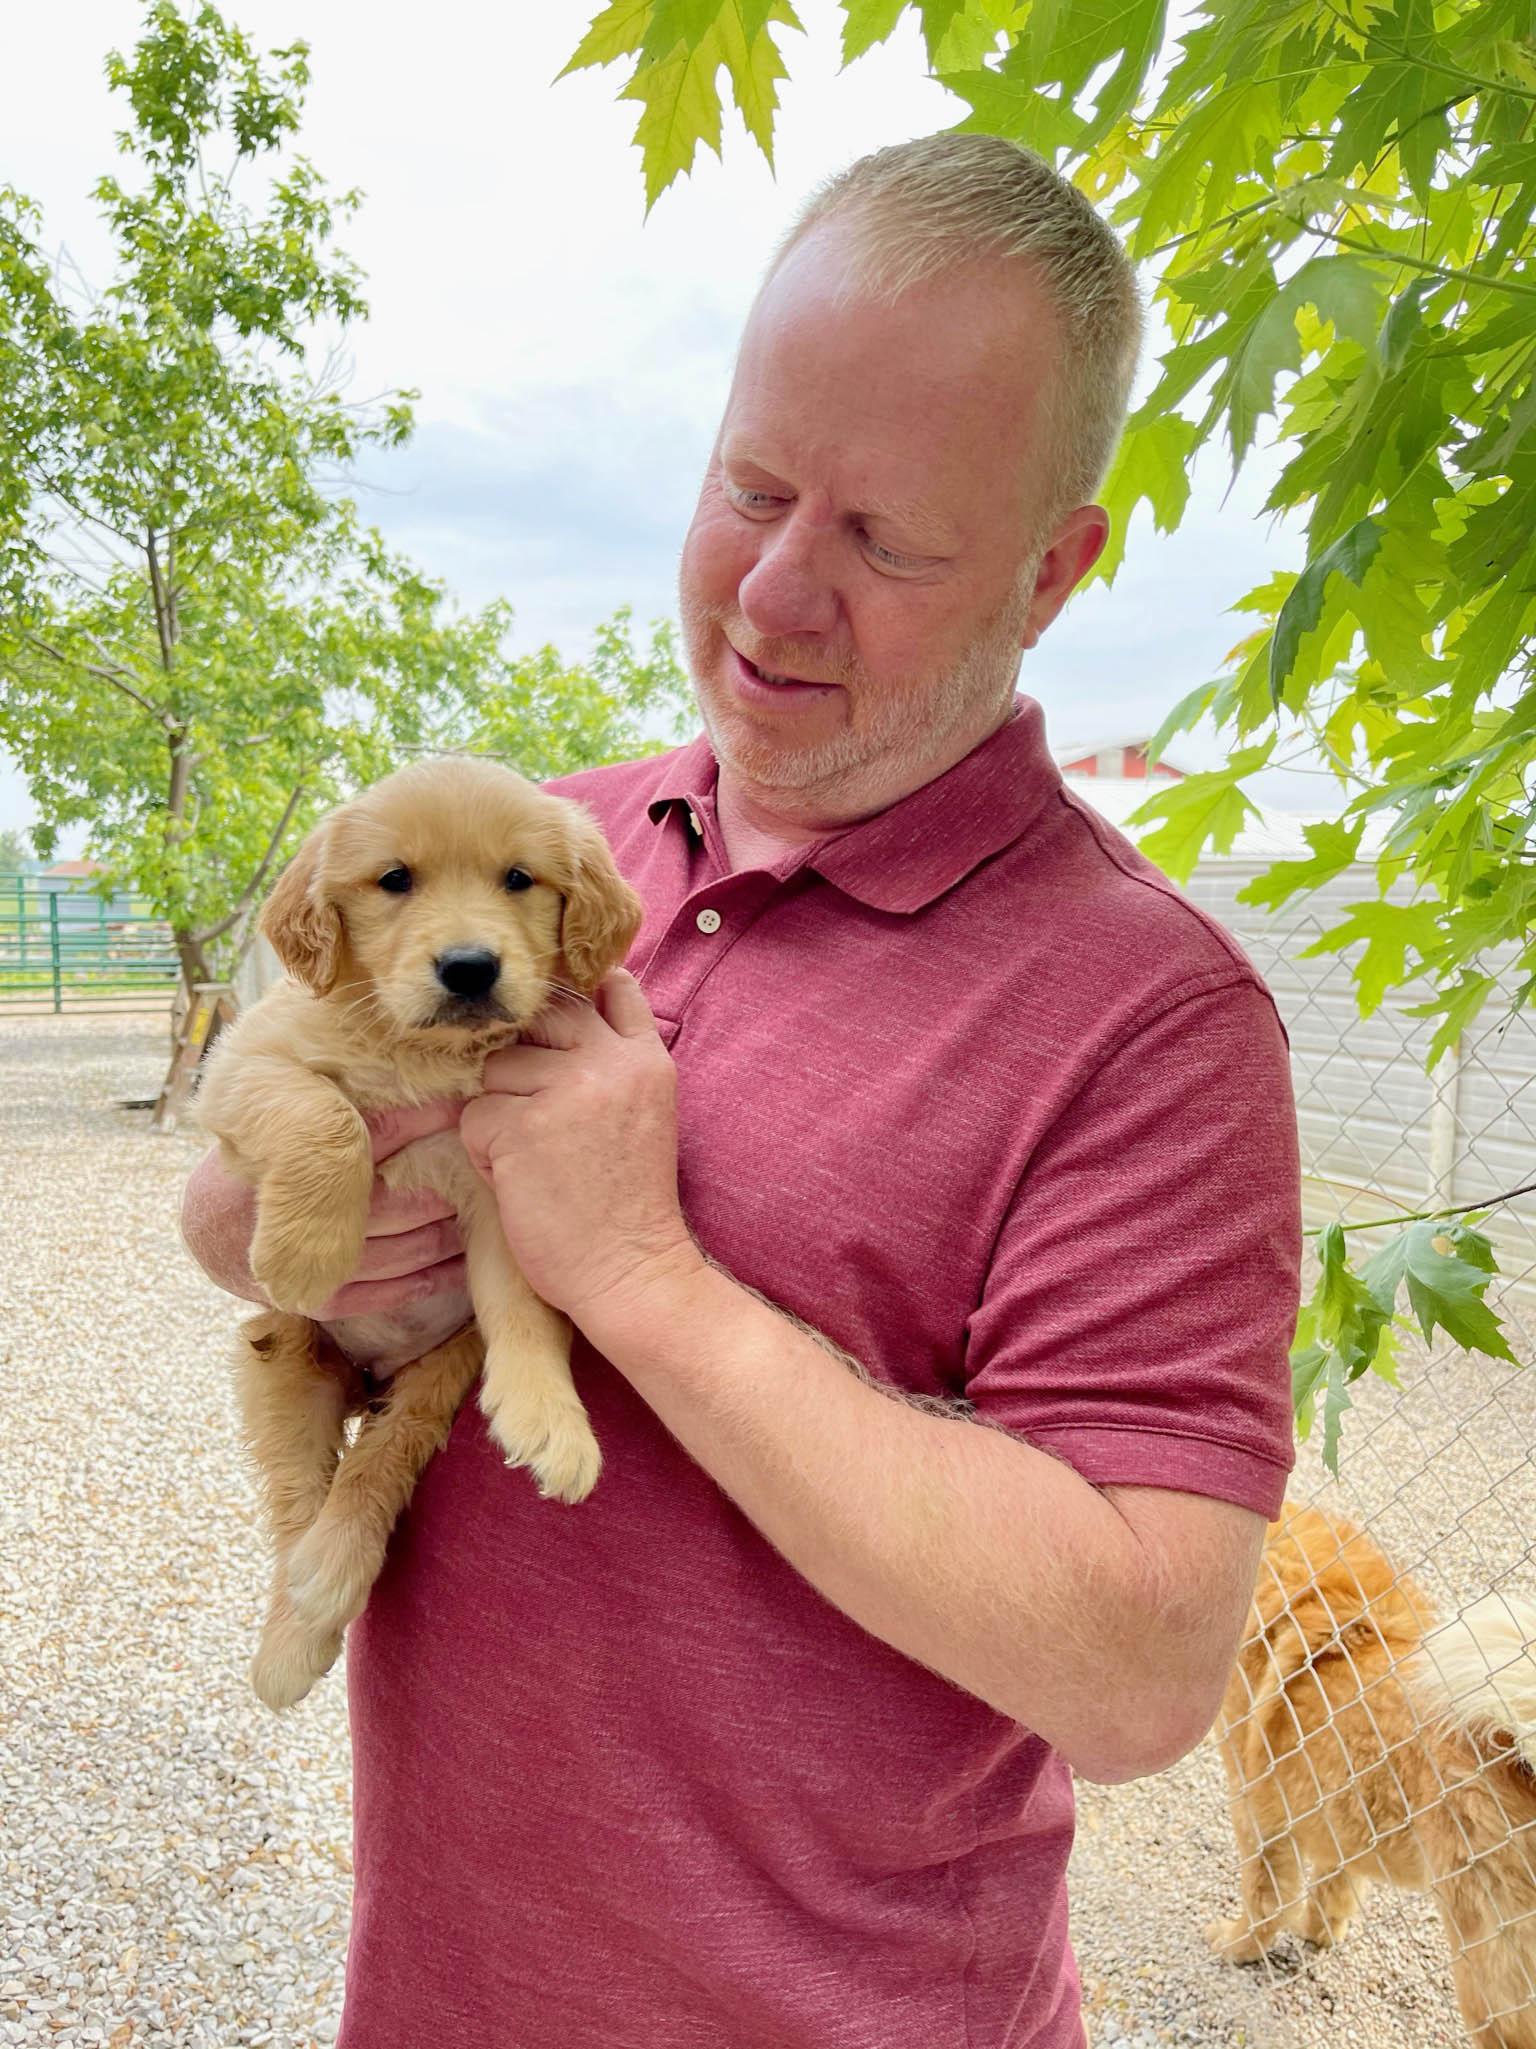 Frank holding a golden retriever puppy